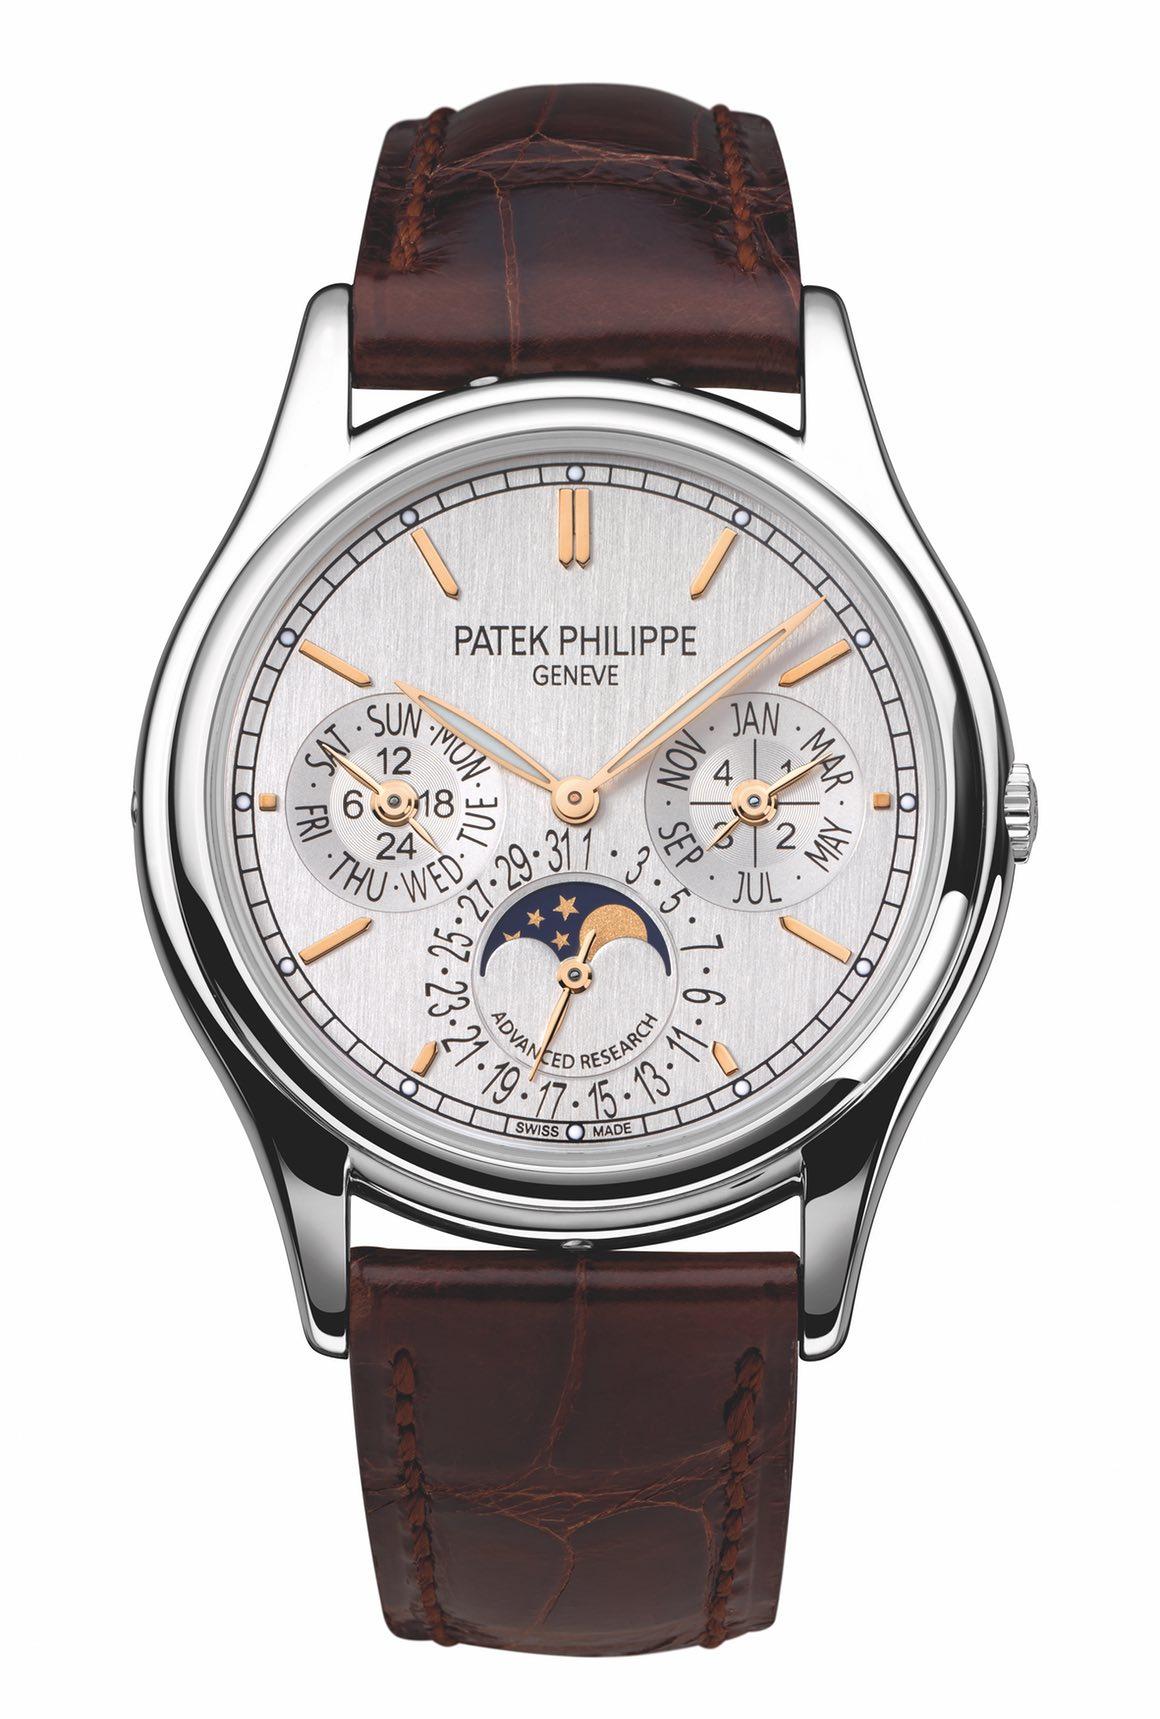 Patek Philippe Perpetual Calendar in platinum ref. 5550P